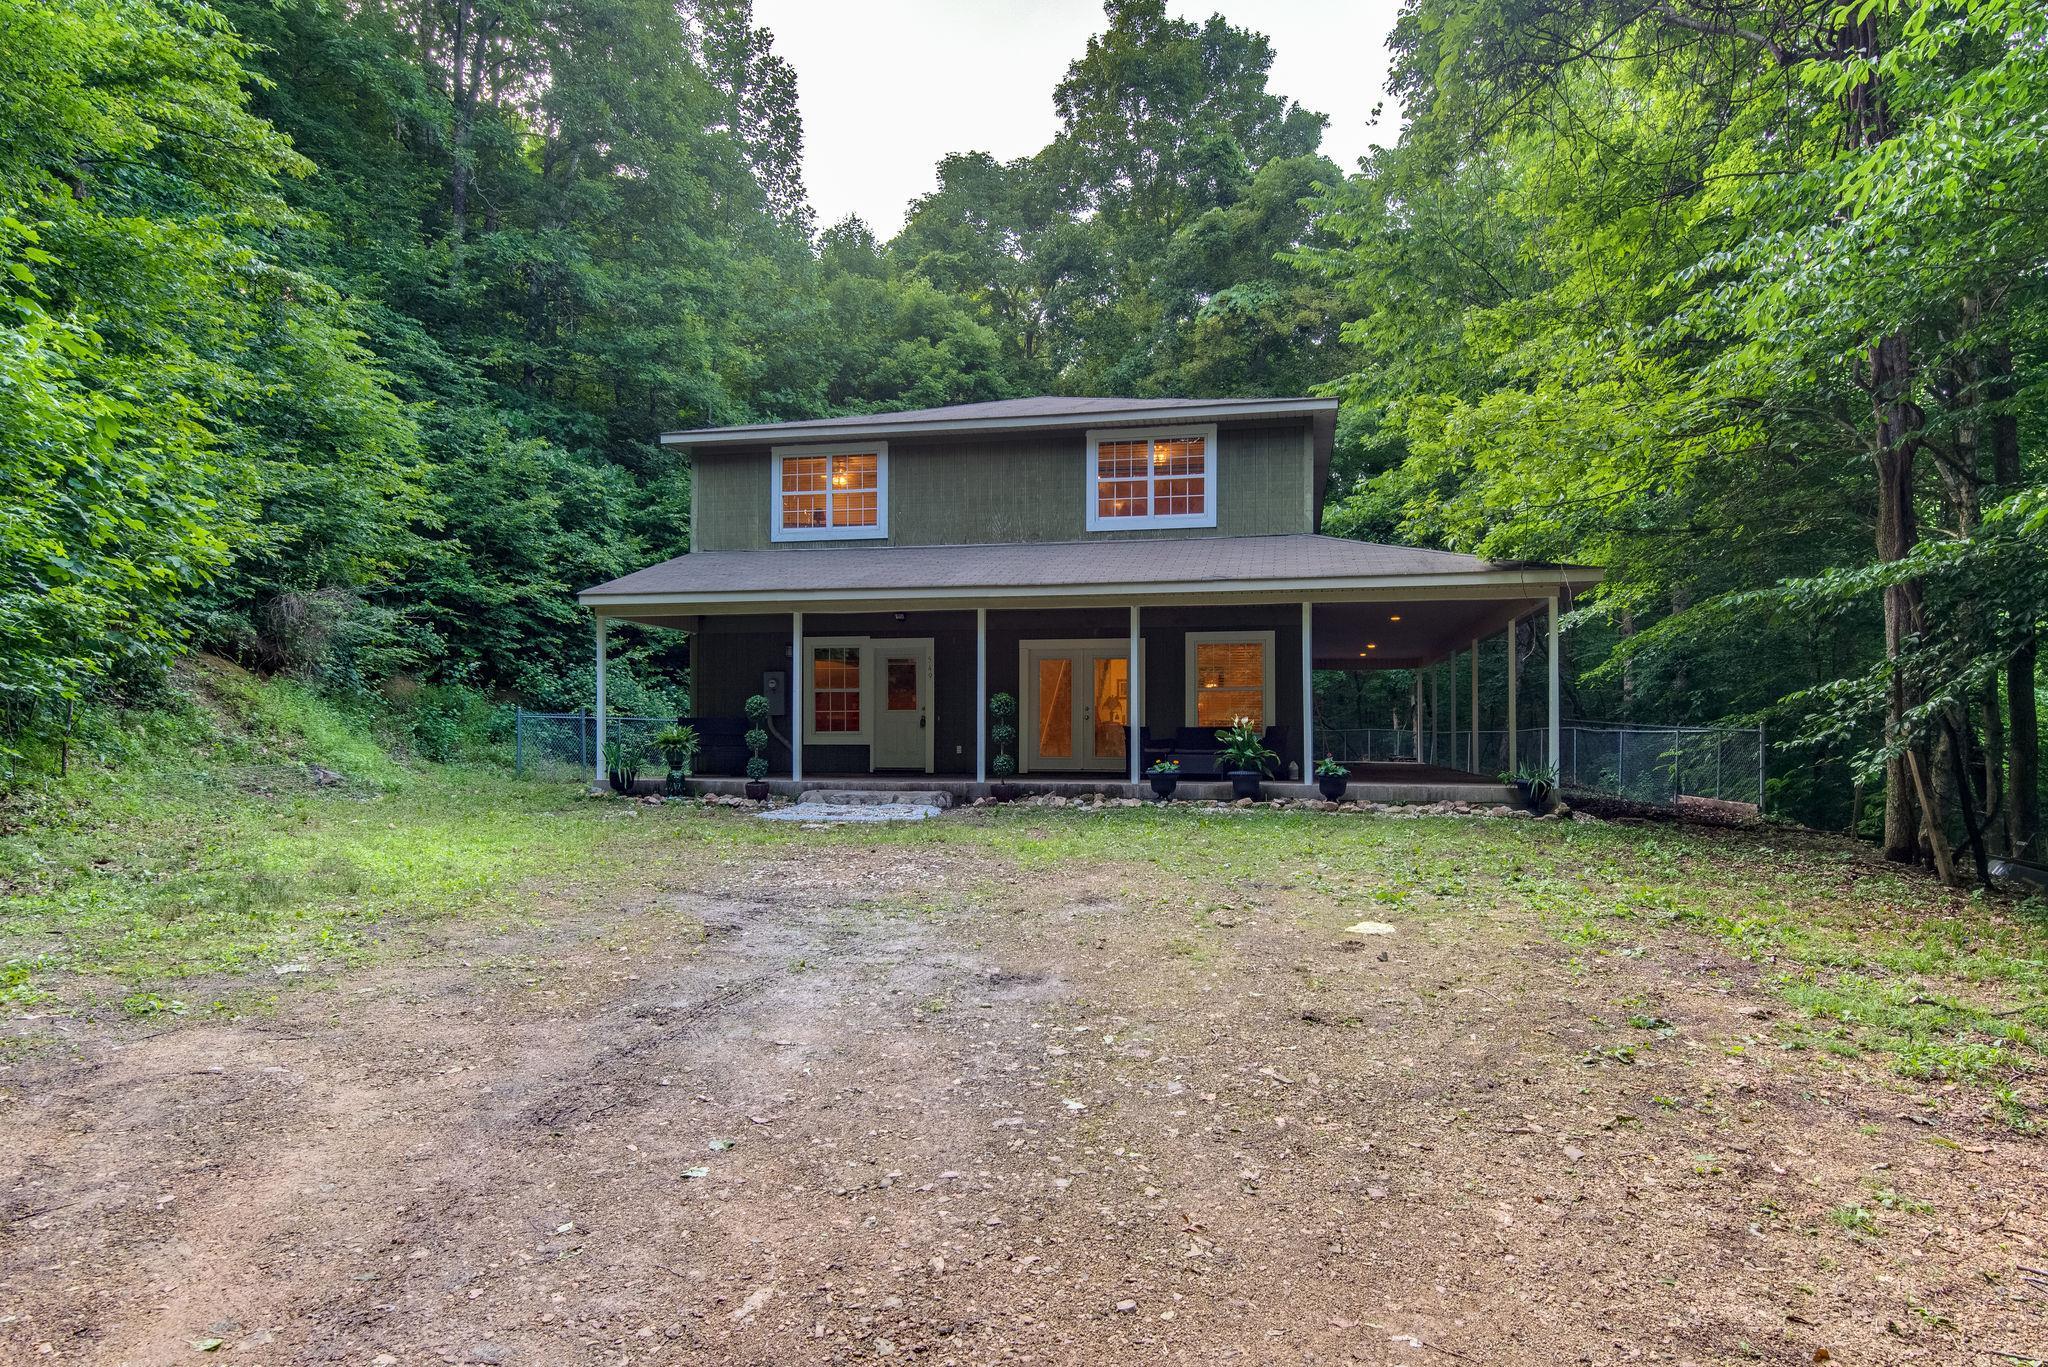 549 Porter Hollow Rd, Linden, TN 37096 - Linden, TN real estate listing